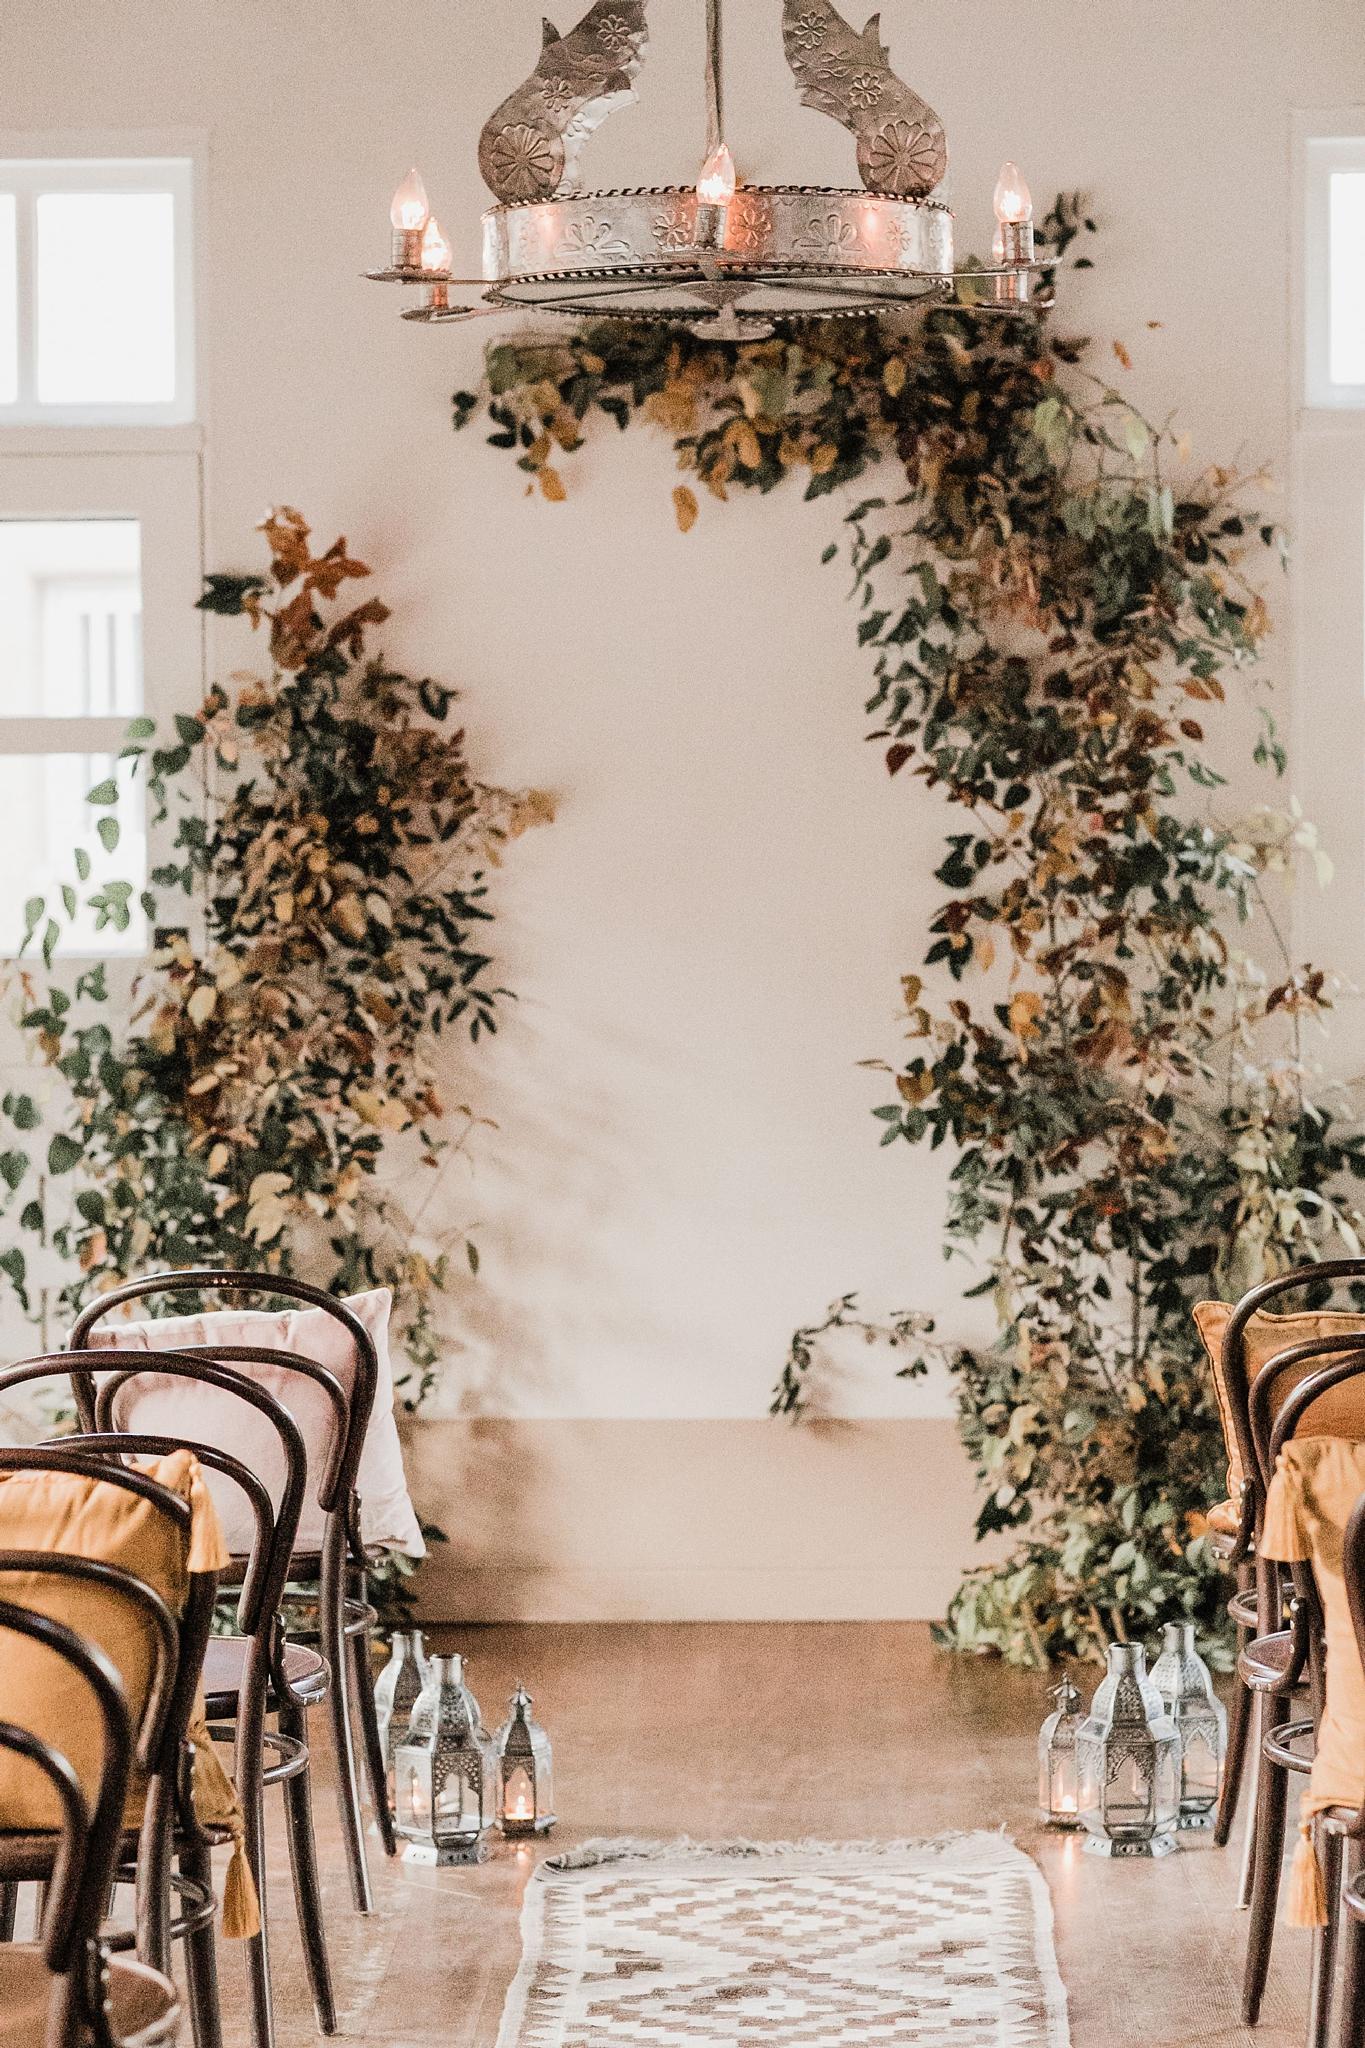 Alicia+lucia+photography+-+albuquerque+wedding+photographer+-+santa+fe+wedding+photography+-+new+mexico+wedding+photographer+-+wedding+ceremony+-+wedding+alter+-+floral+alter_0021.jpg